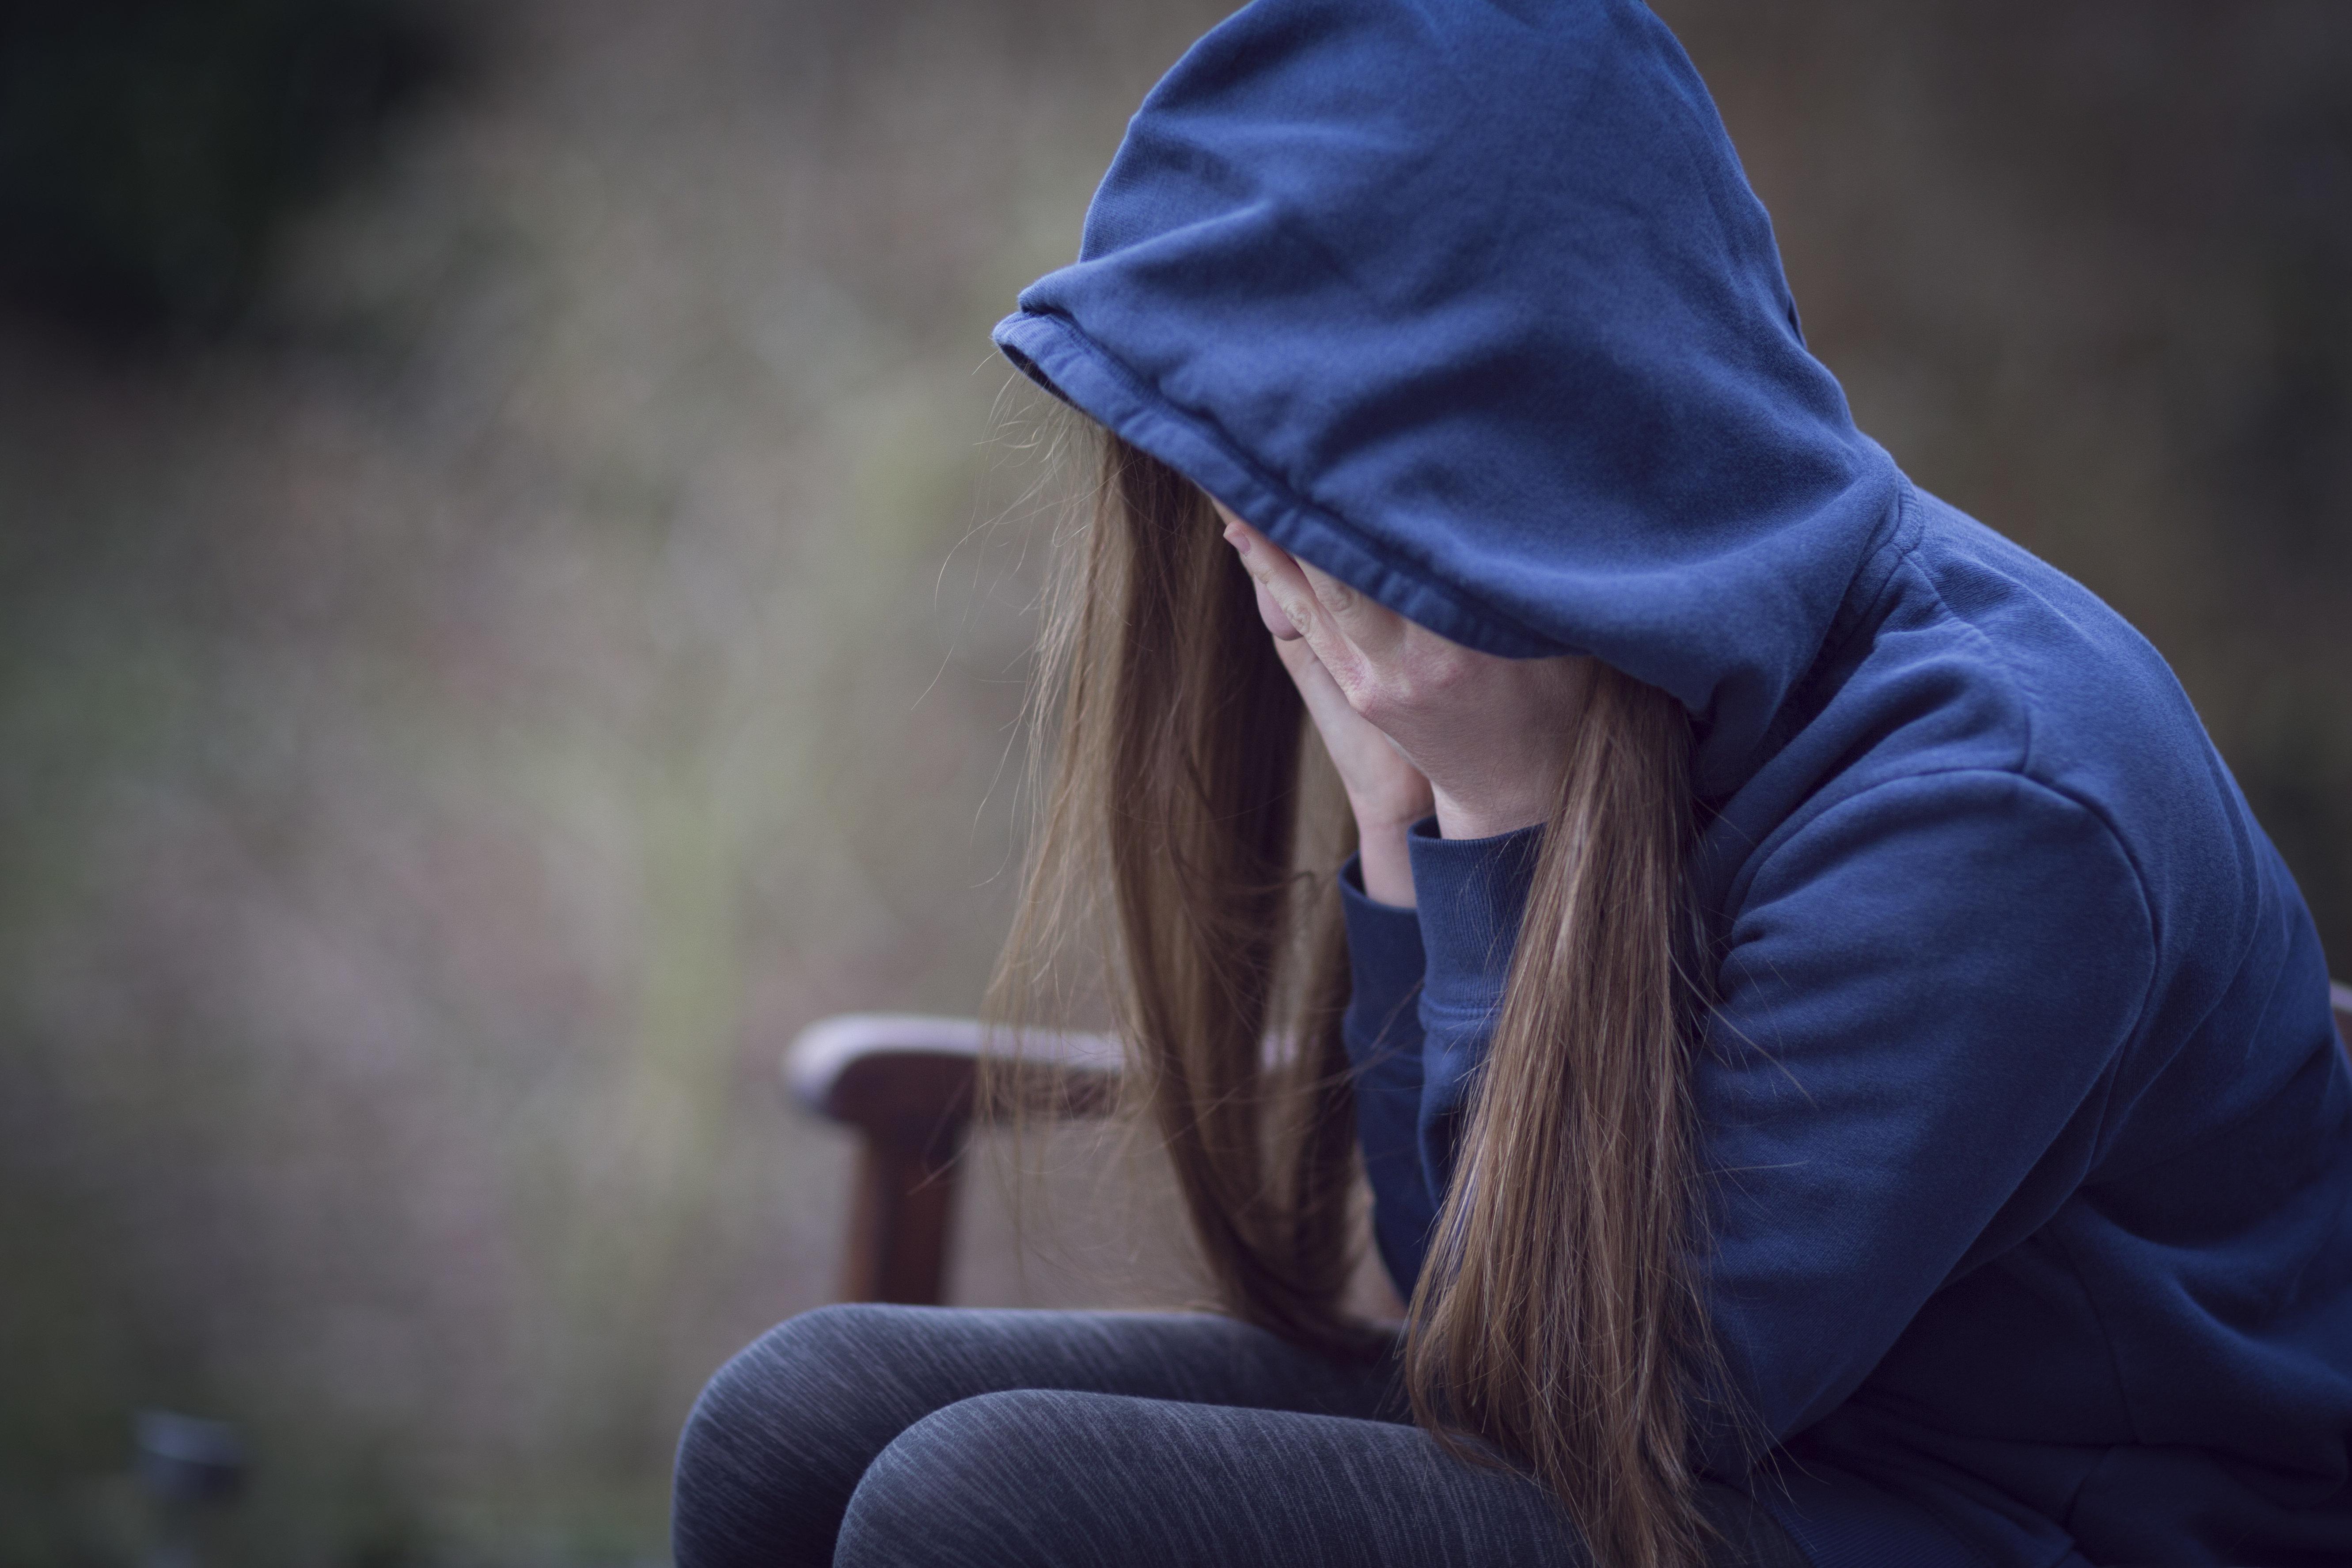 Mutter ließ Tochter von einem Fremden vergewaltigen – ihre Begründung ist